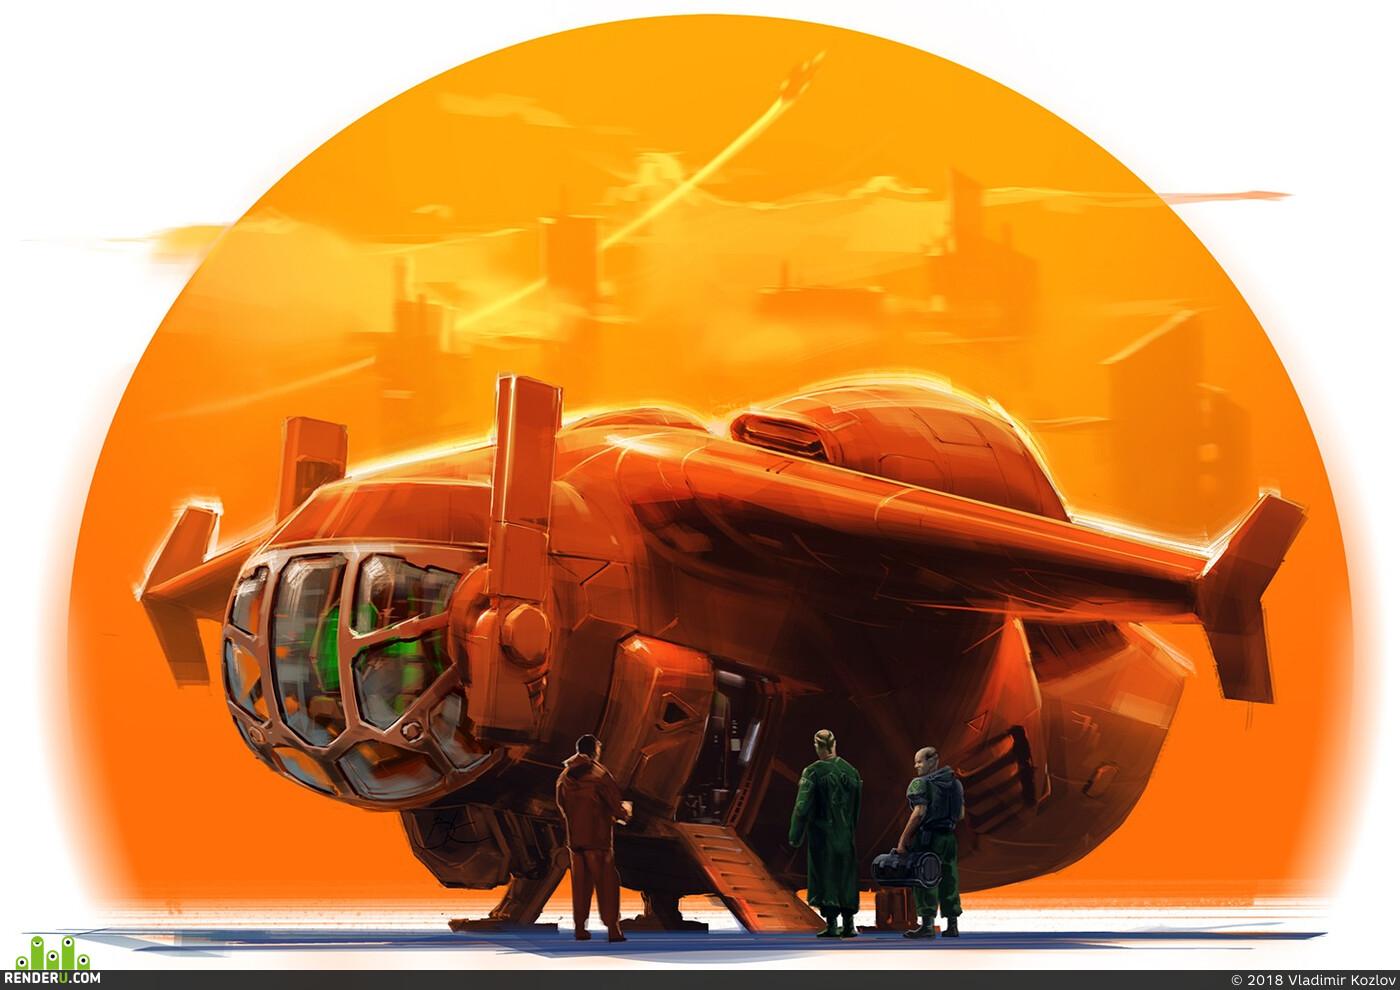 Концепт-арт, Корабли, Космический корабль, научная фантастика